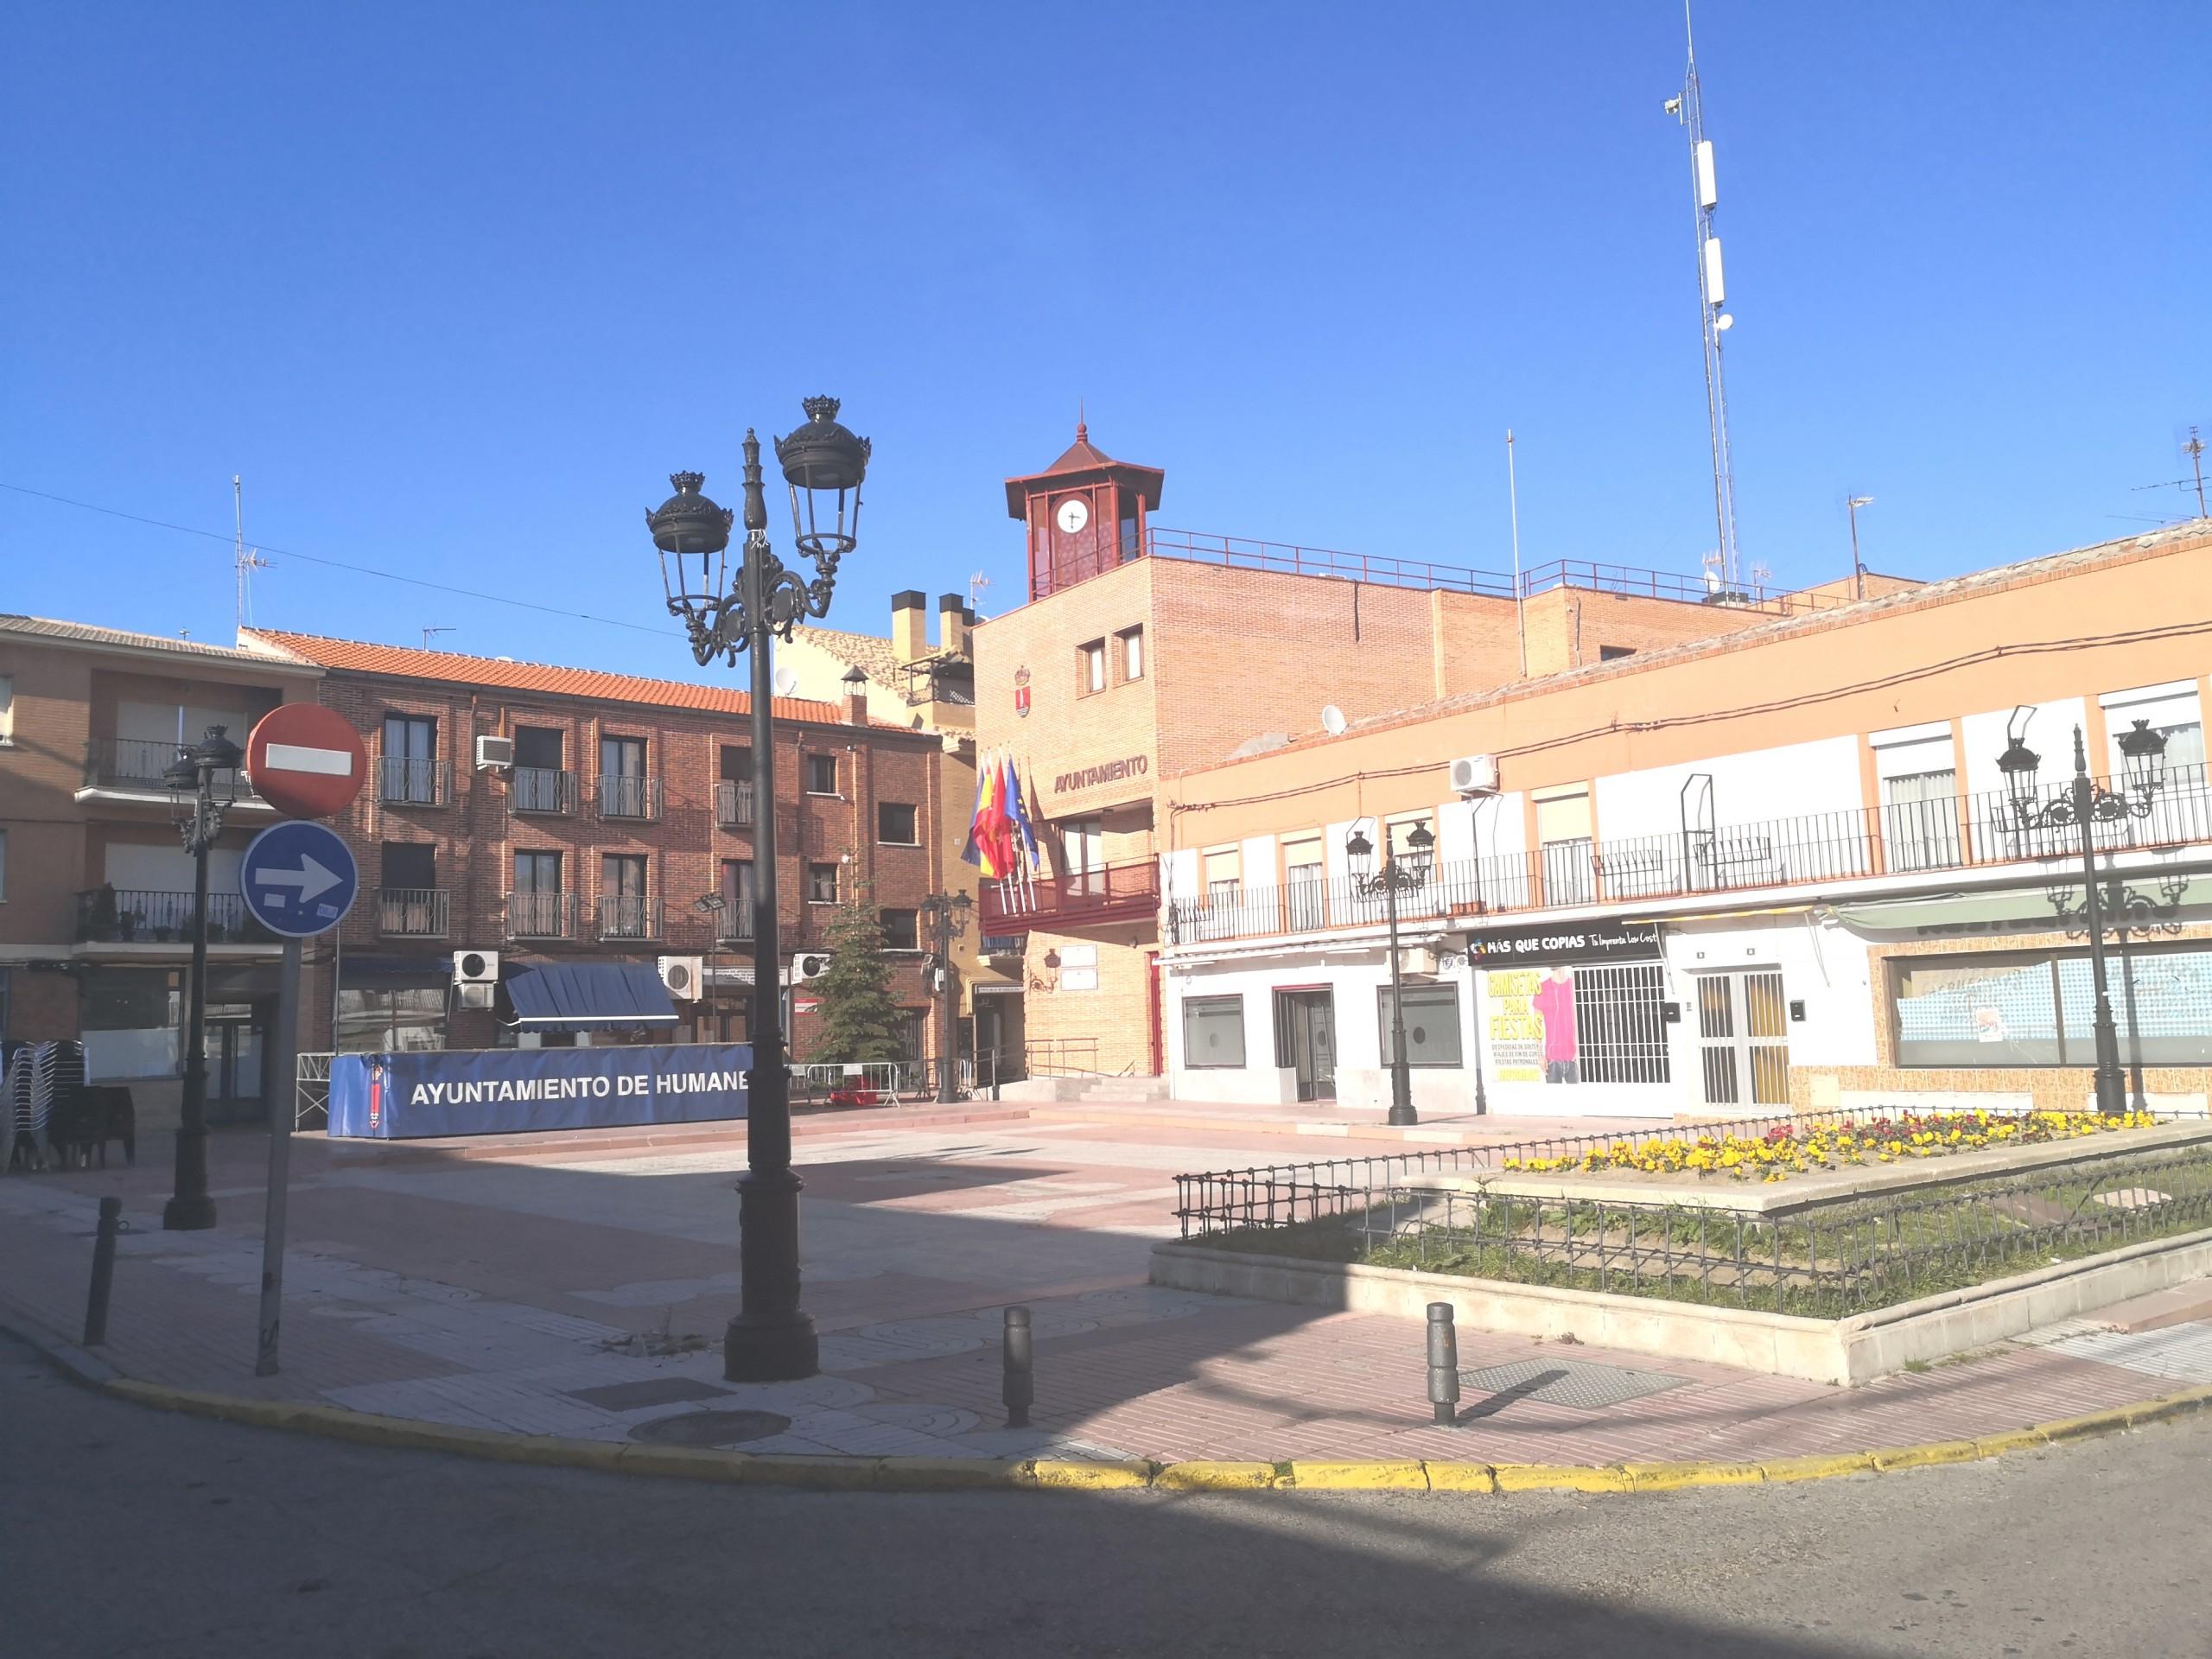 La semana que viene comienzan las obras de remodelación de la plaza de la Constitución.